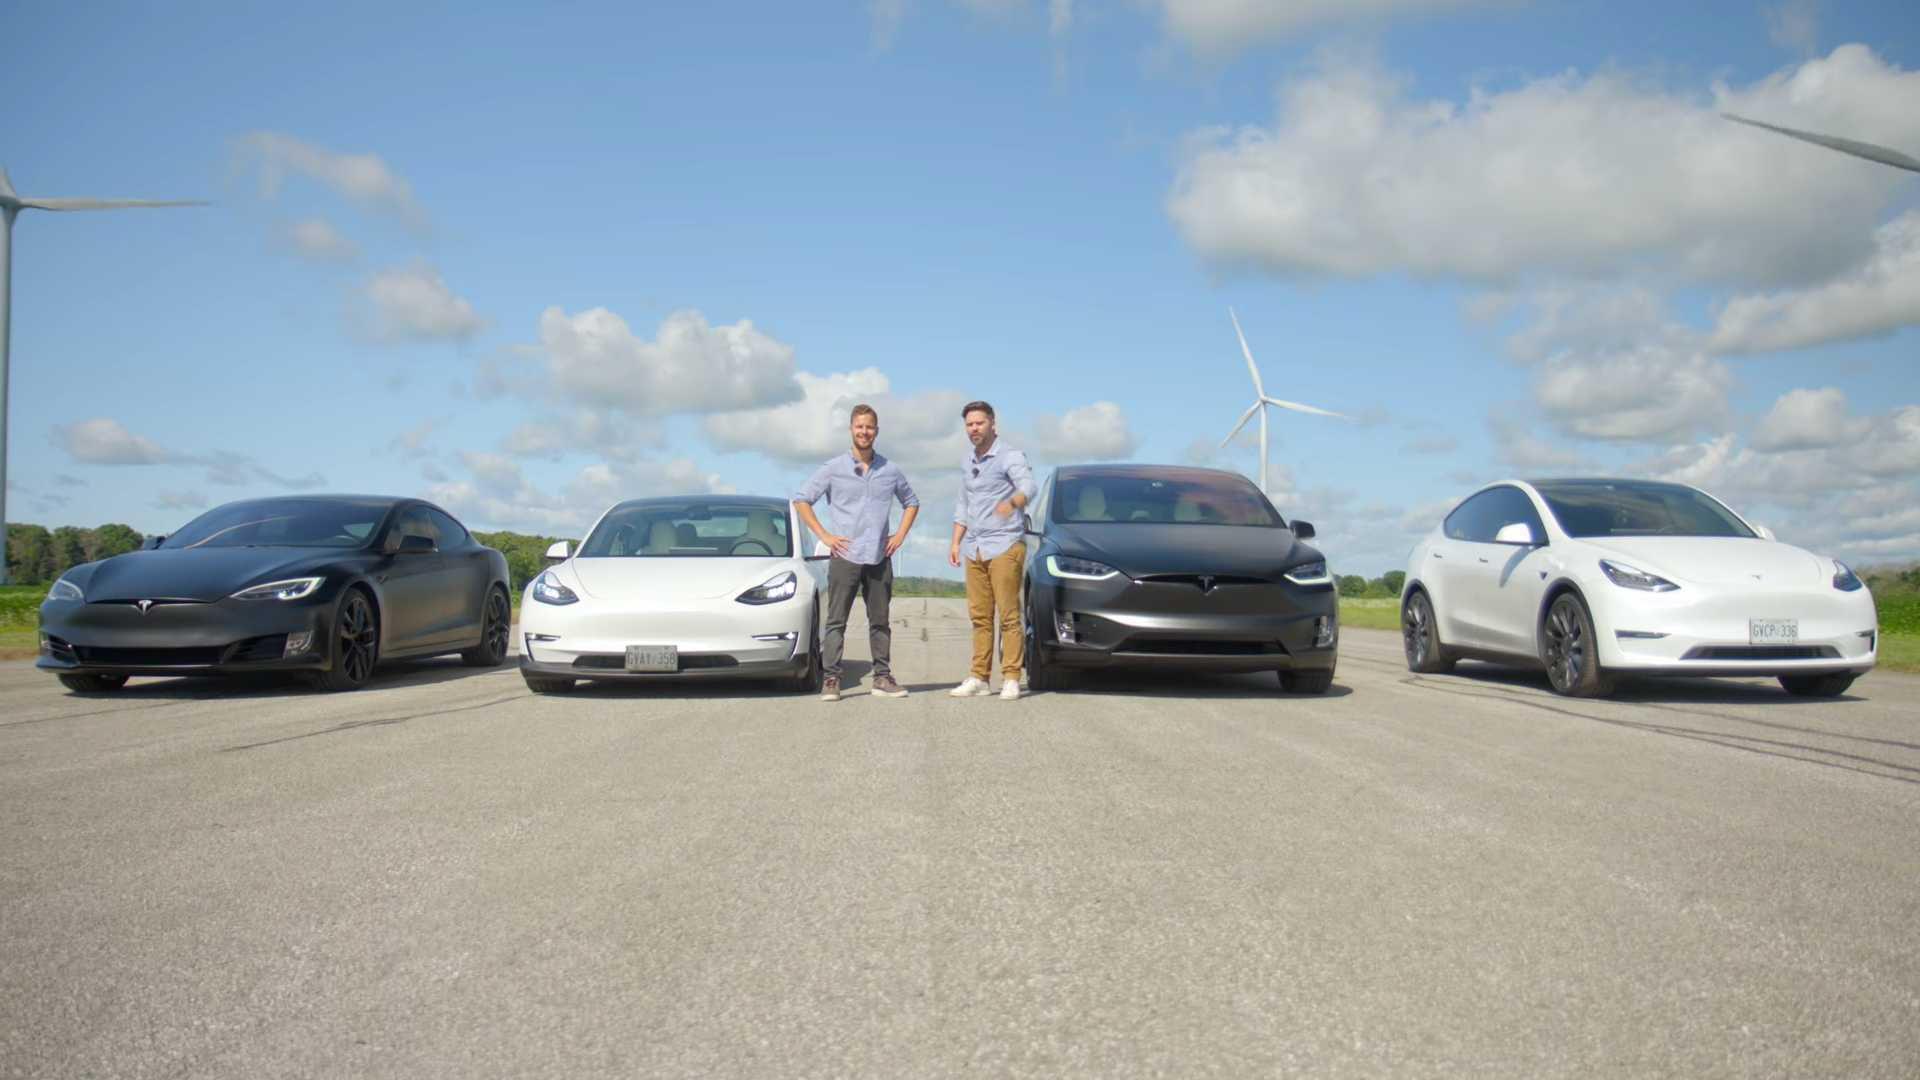 Drag race: care este cel mai rapid model Tesla în acest moment (VIDEO)